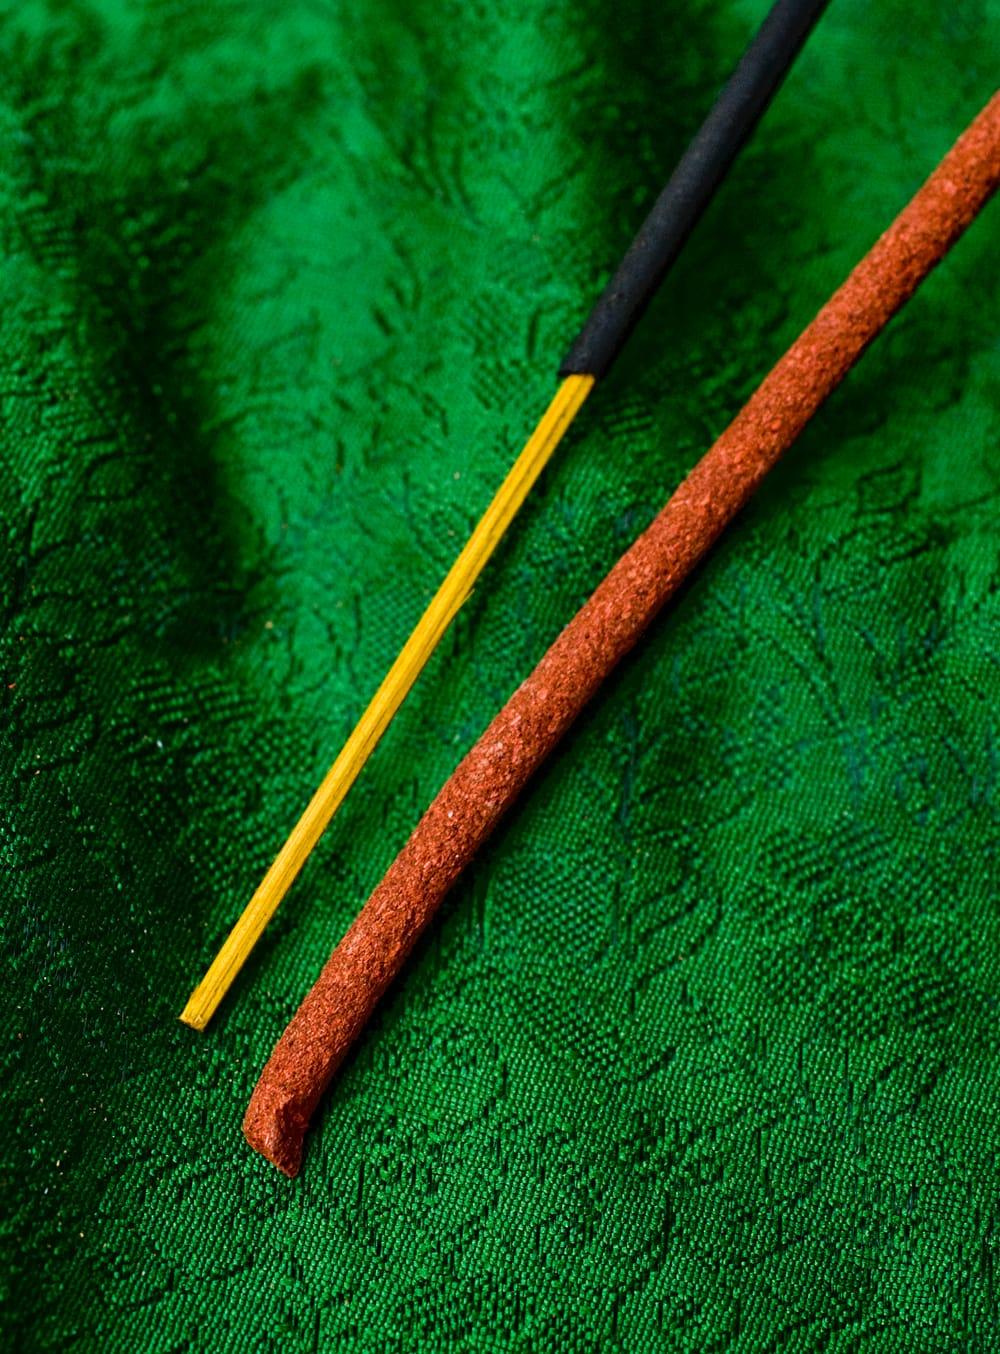 Mt.Everest Ritual Tibetan Incense -エベレスト香 4 - チベット香なので、太めの穴が開いているお香立てをご利用ください。